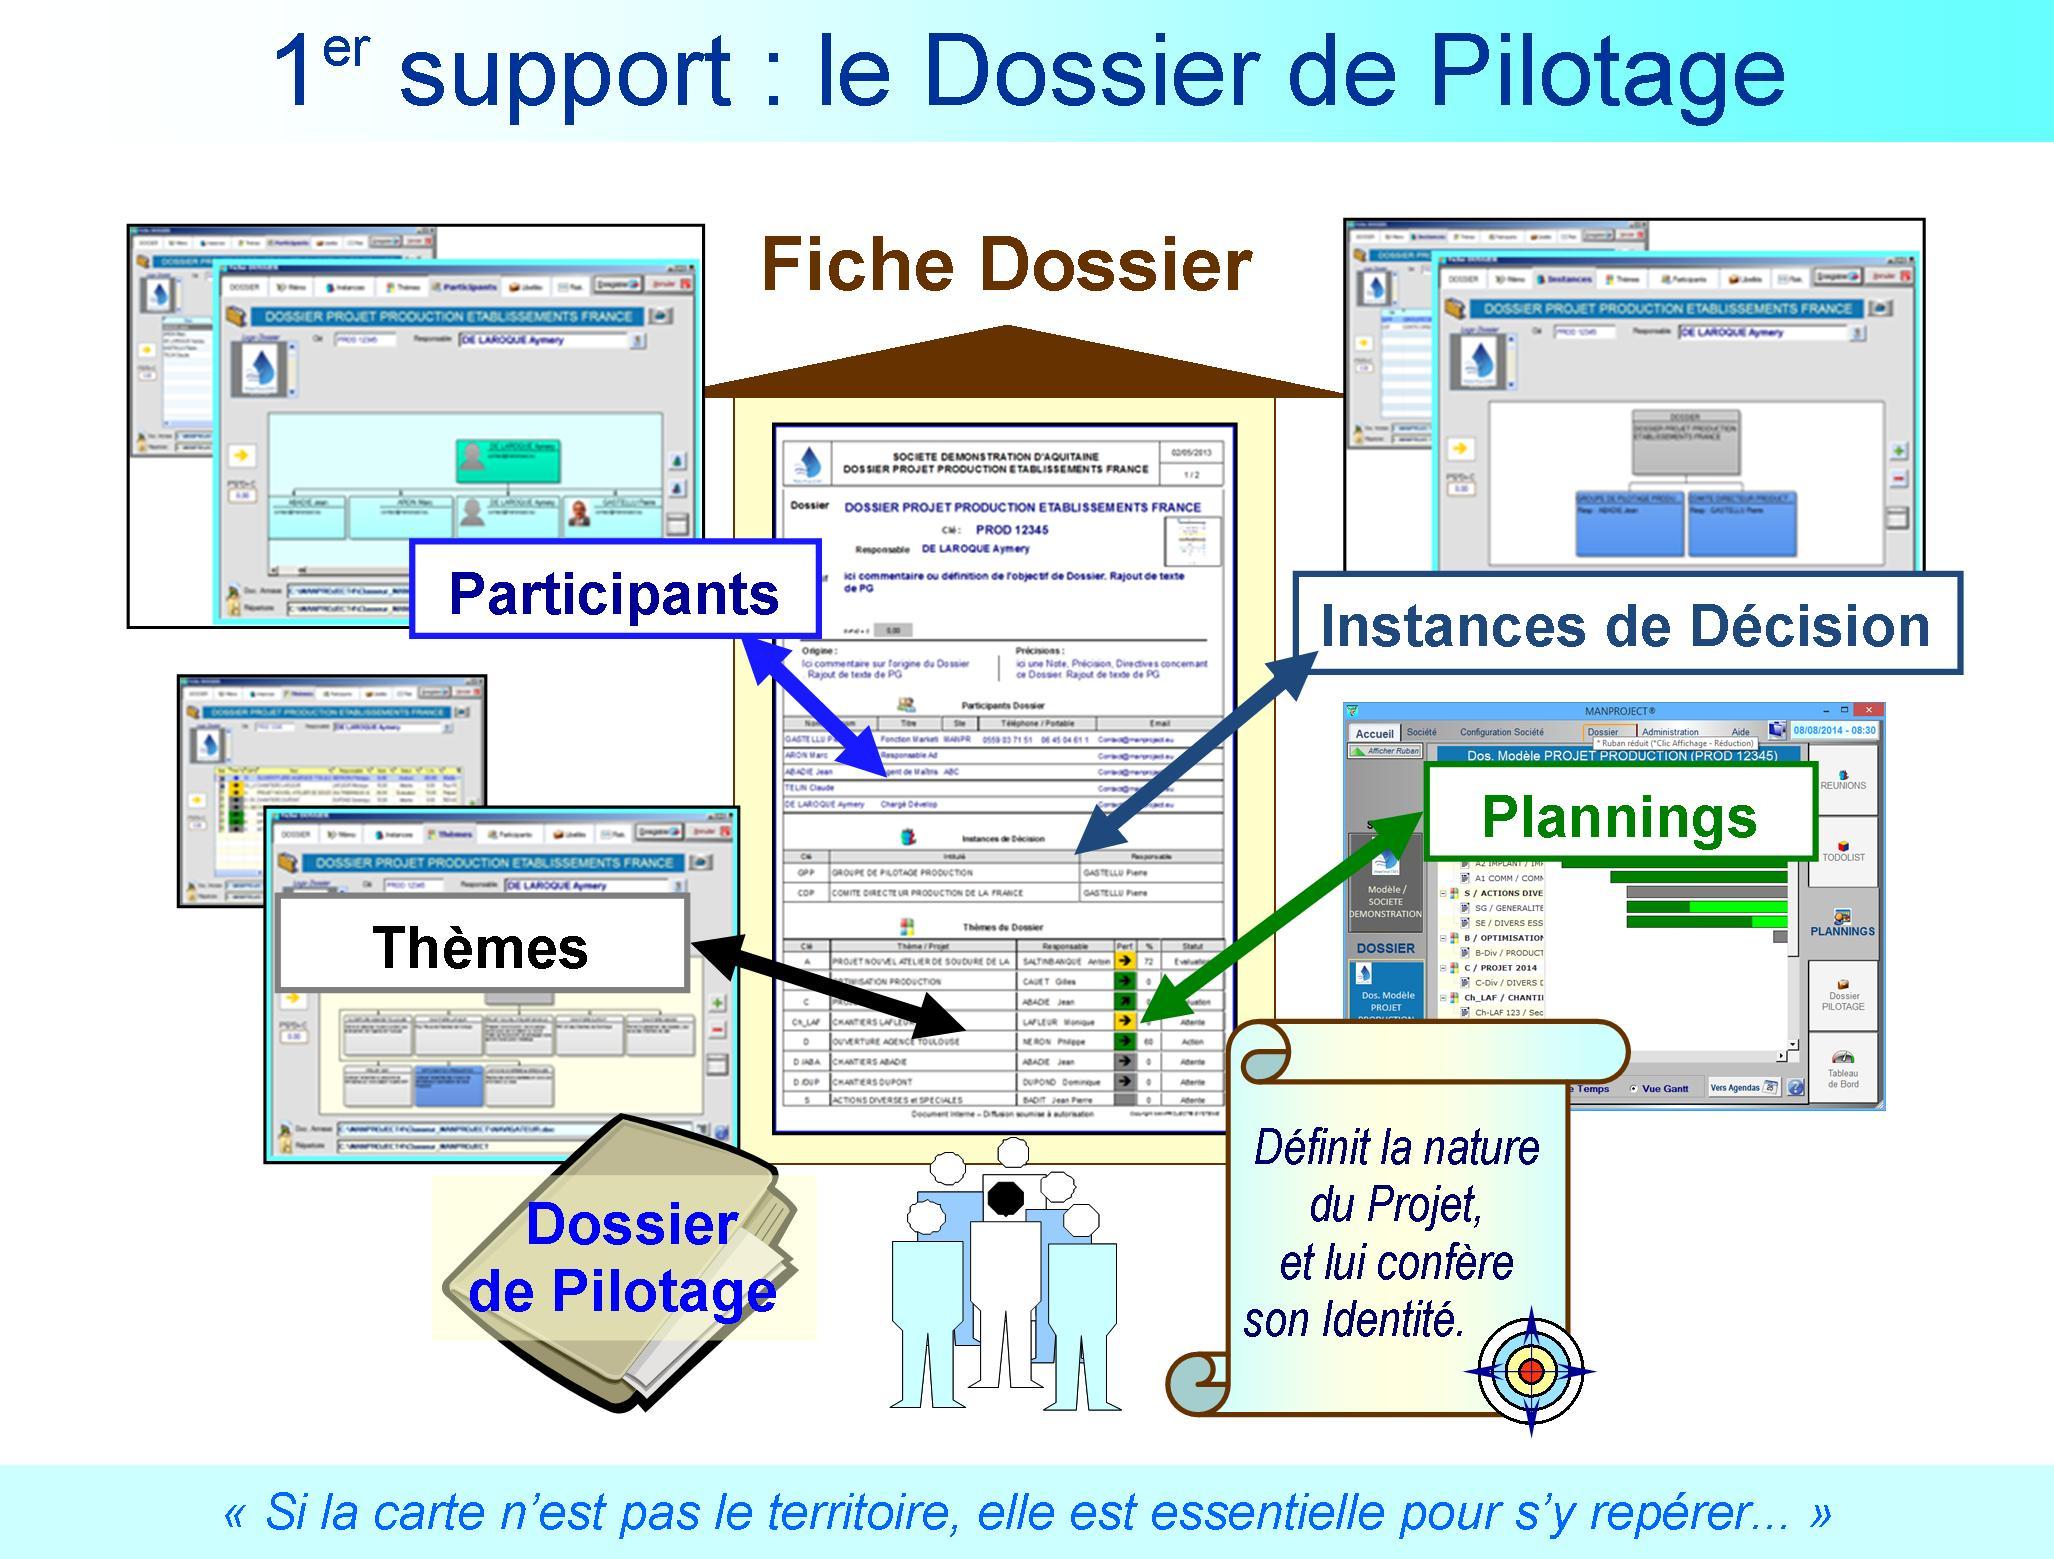 1er Support le Dossier de Pilotage